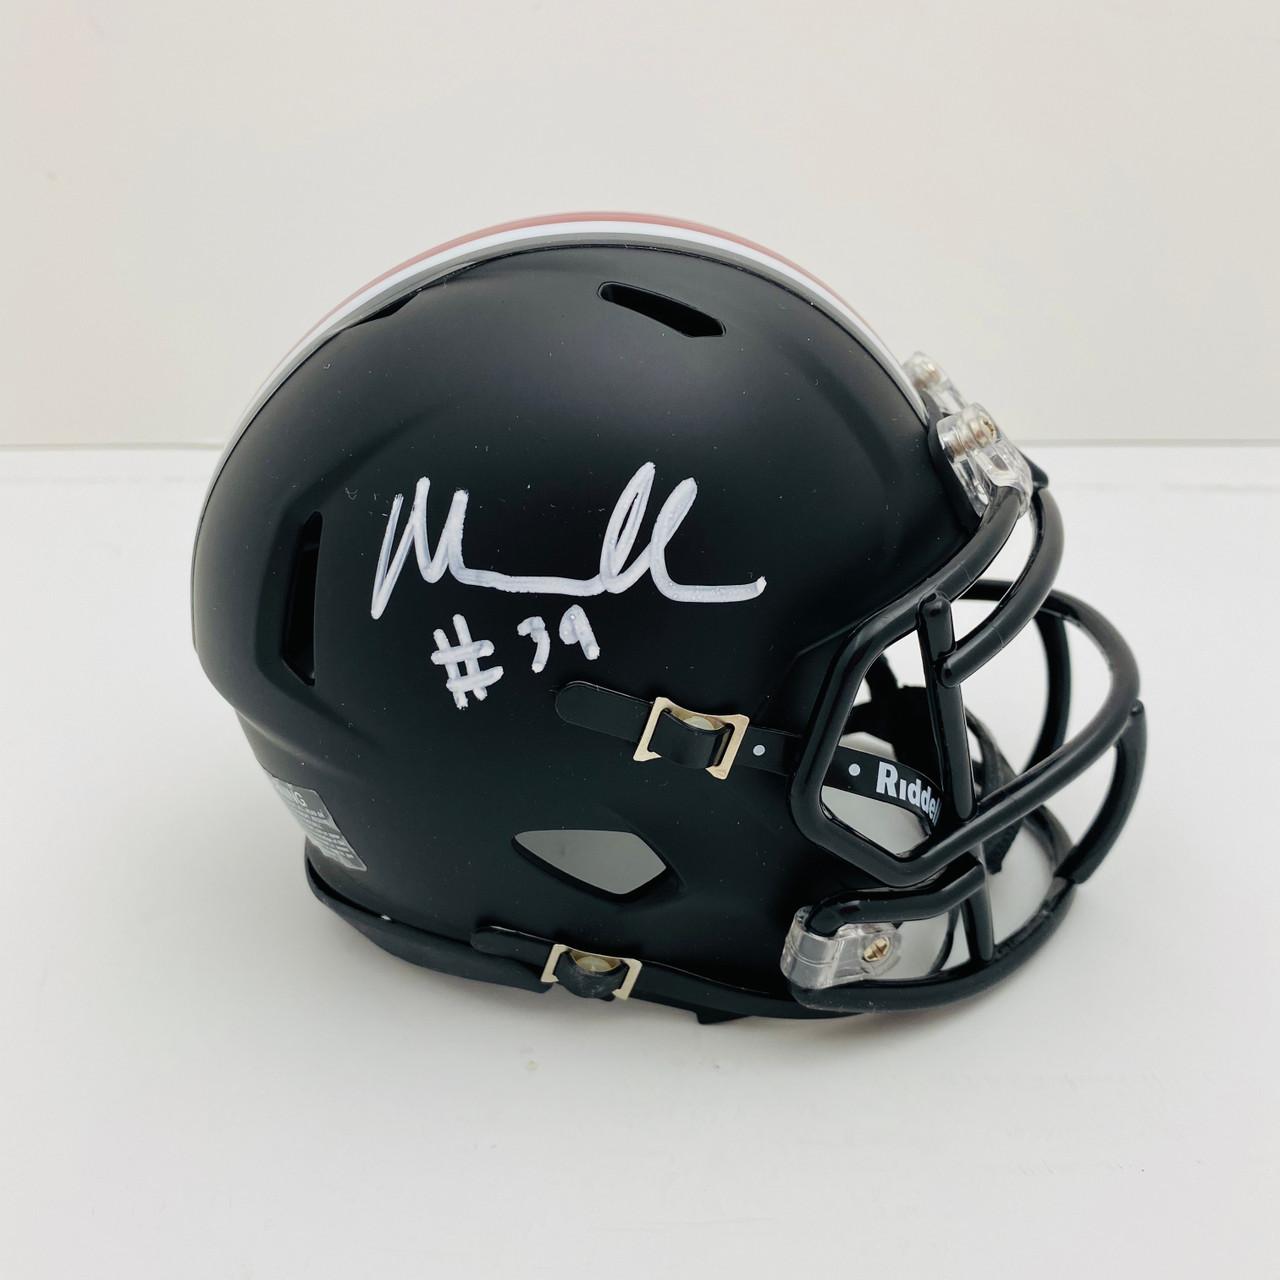 Malik Harrison Ohio State Buckeyes Autographed Black Mini Helmet - Certified Authentic